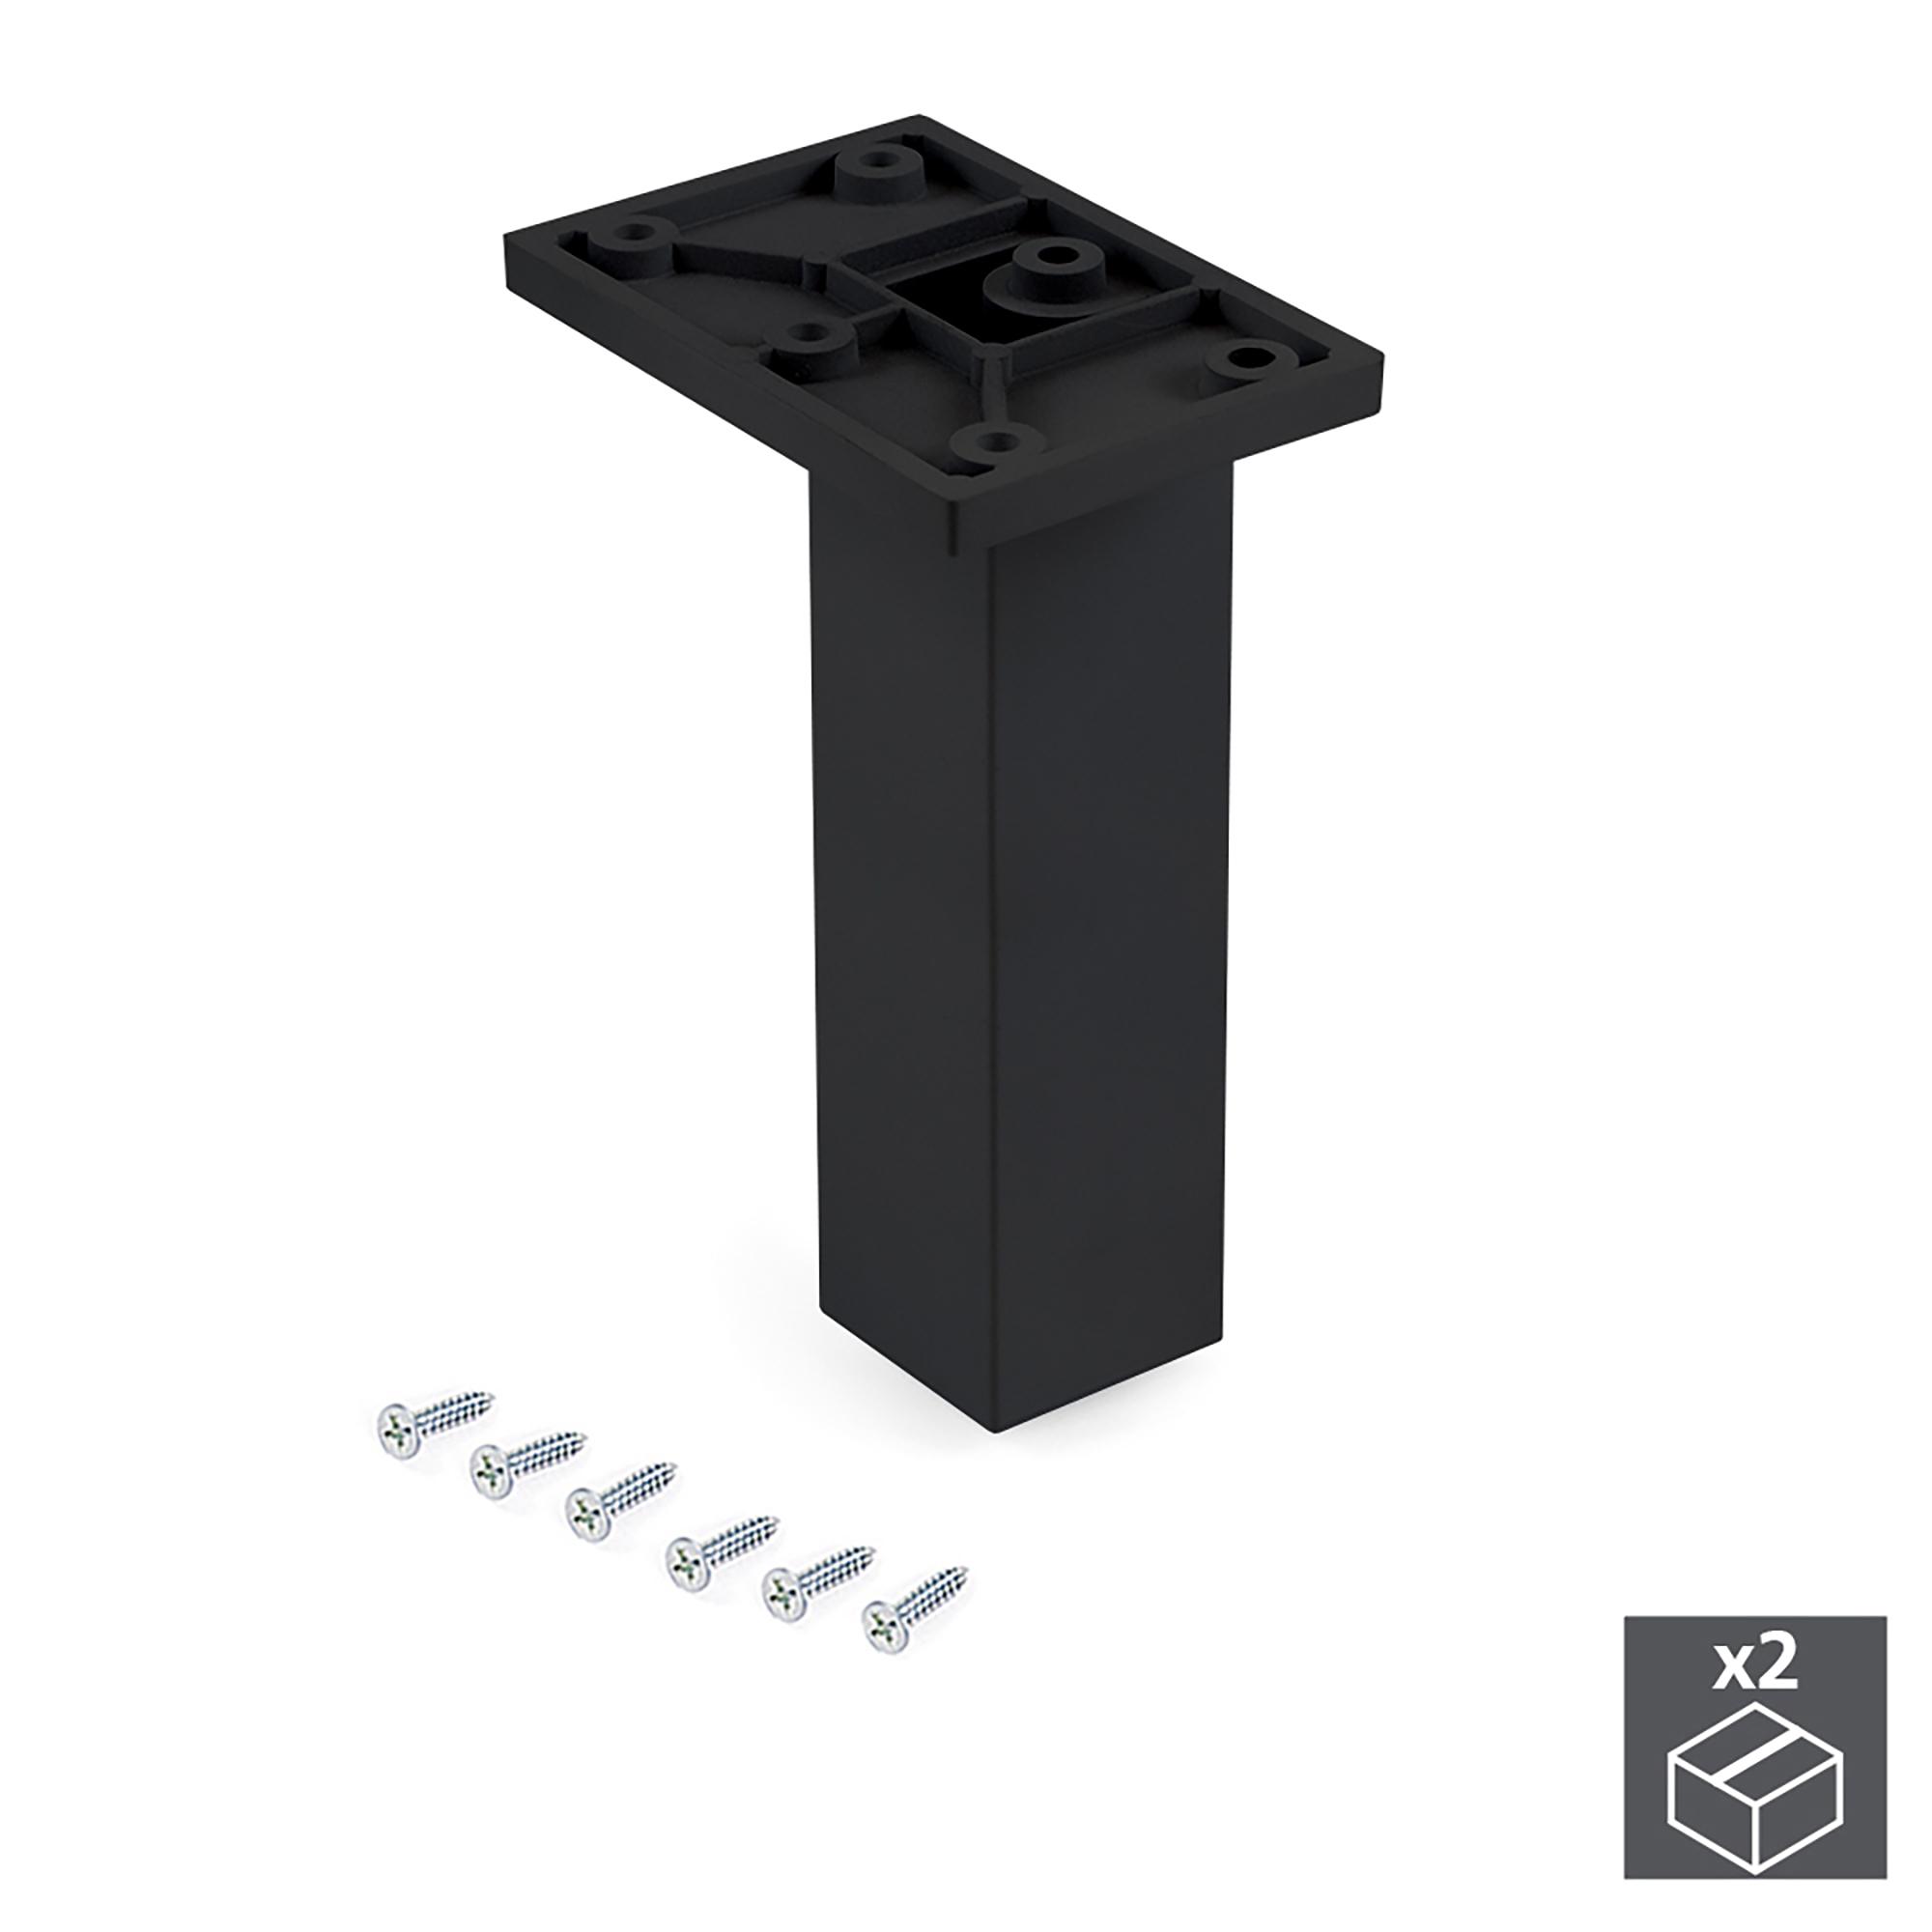 Emuca Piedino per mobile, centrale, regolabile, 140 - 150 mm, Plastica, Nero, 2 un.